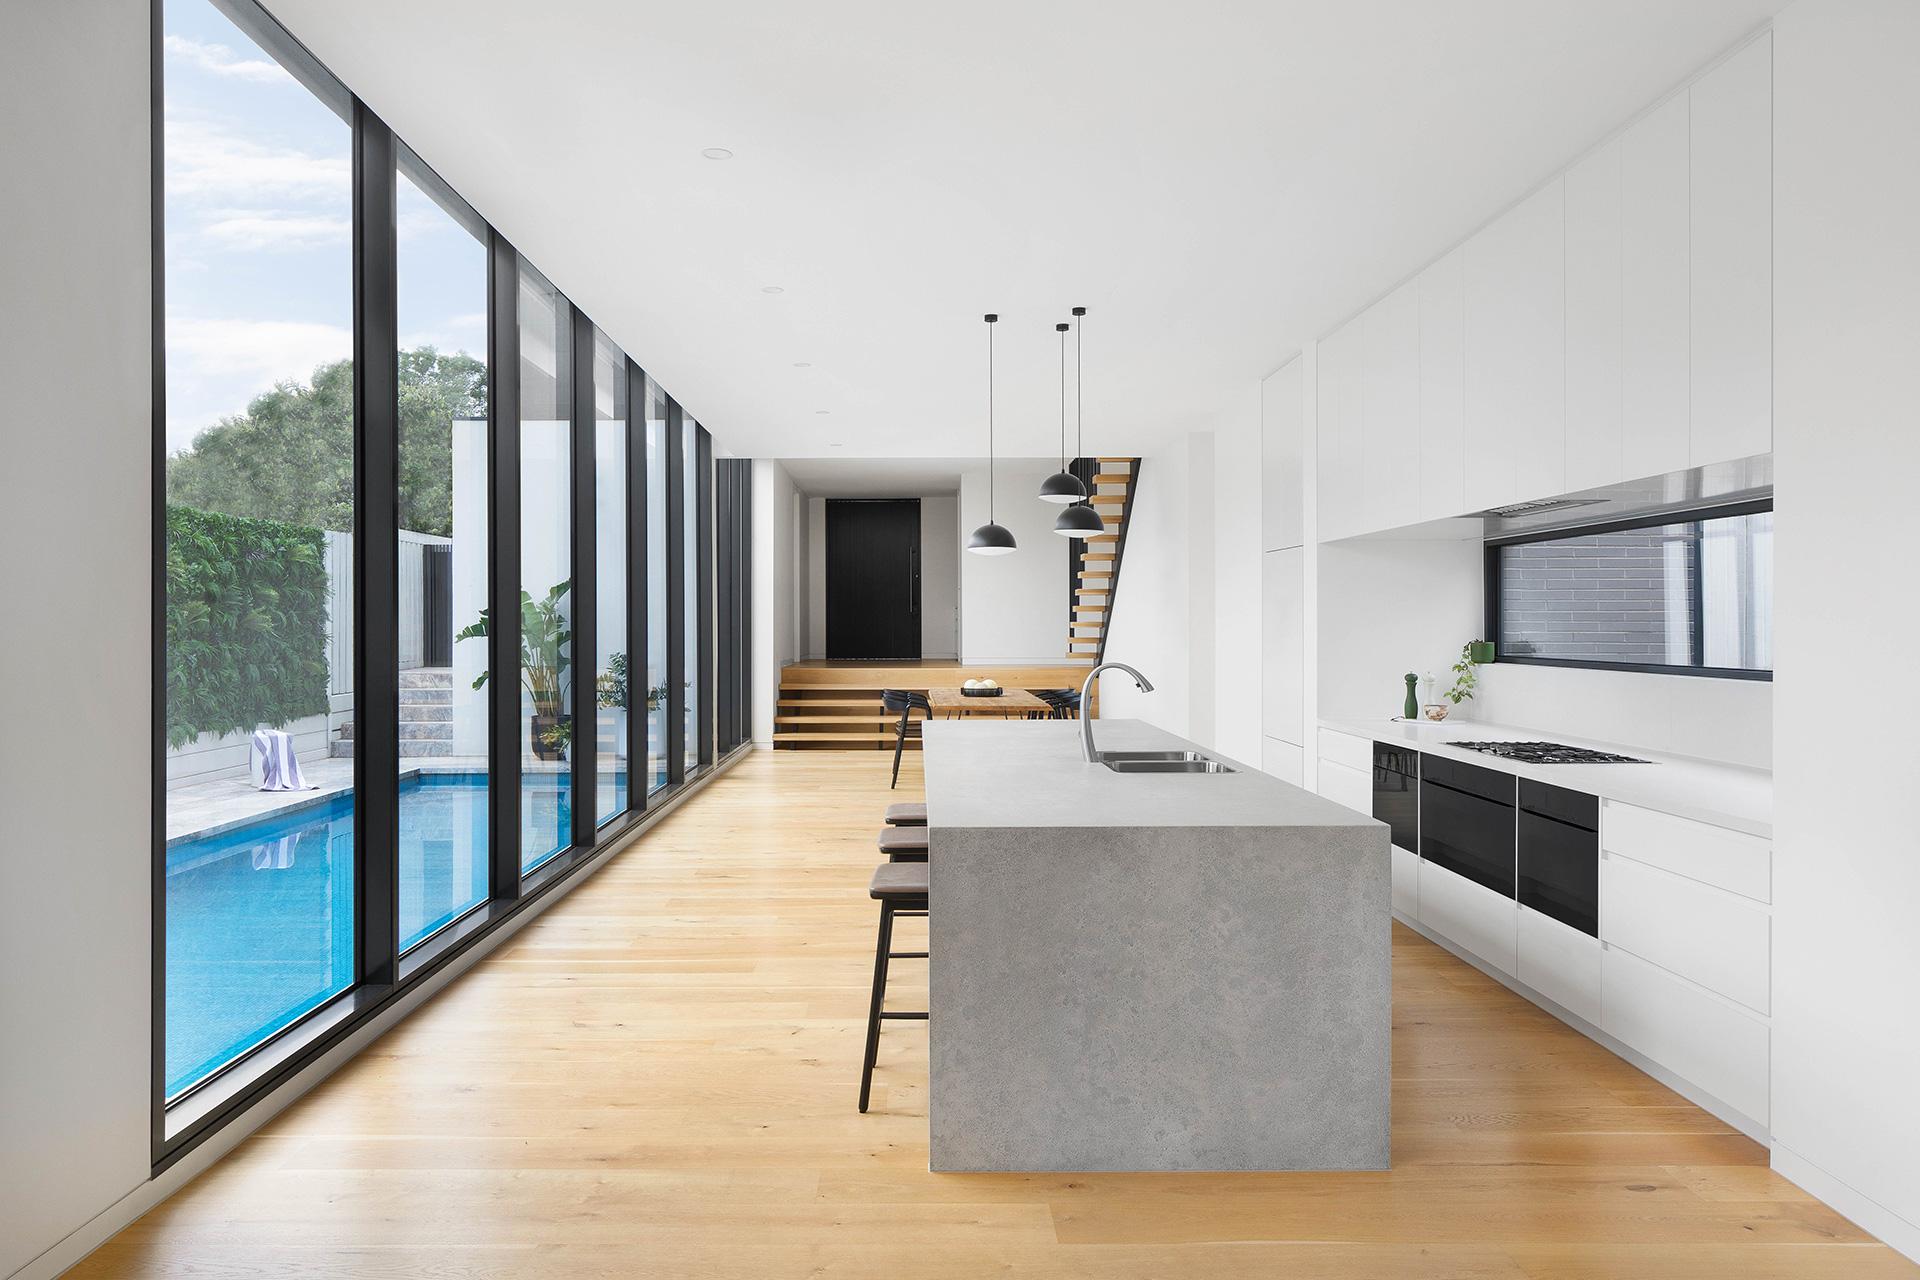 northcote-house-interior-design-kitchen-entryway-c.kairouz-architects